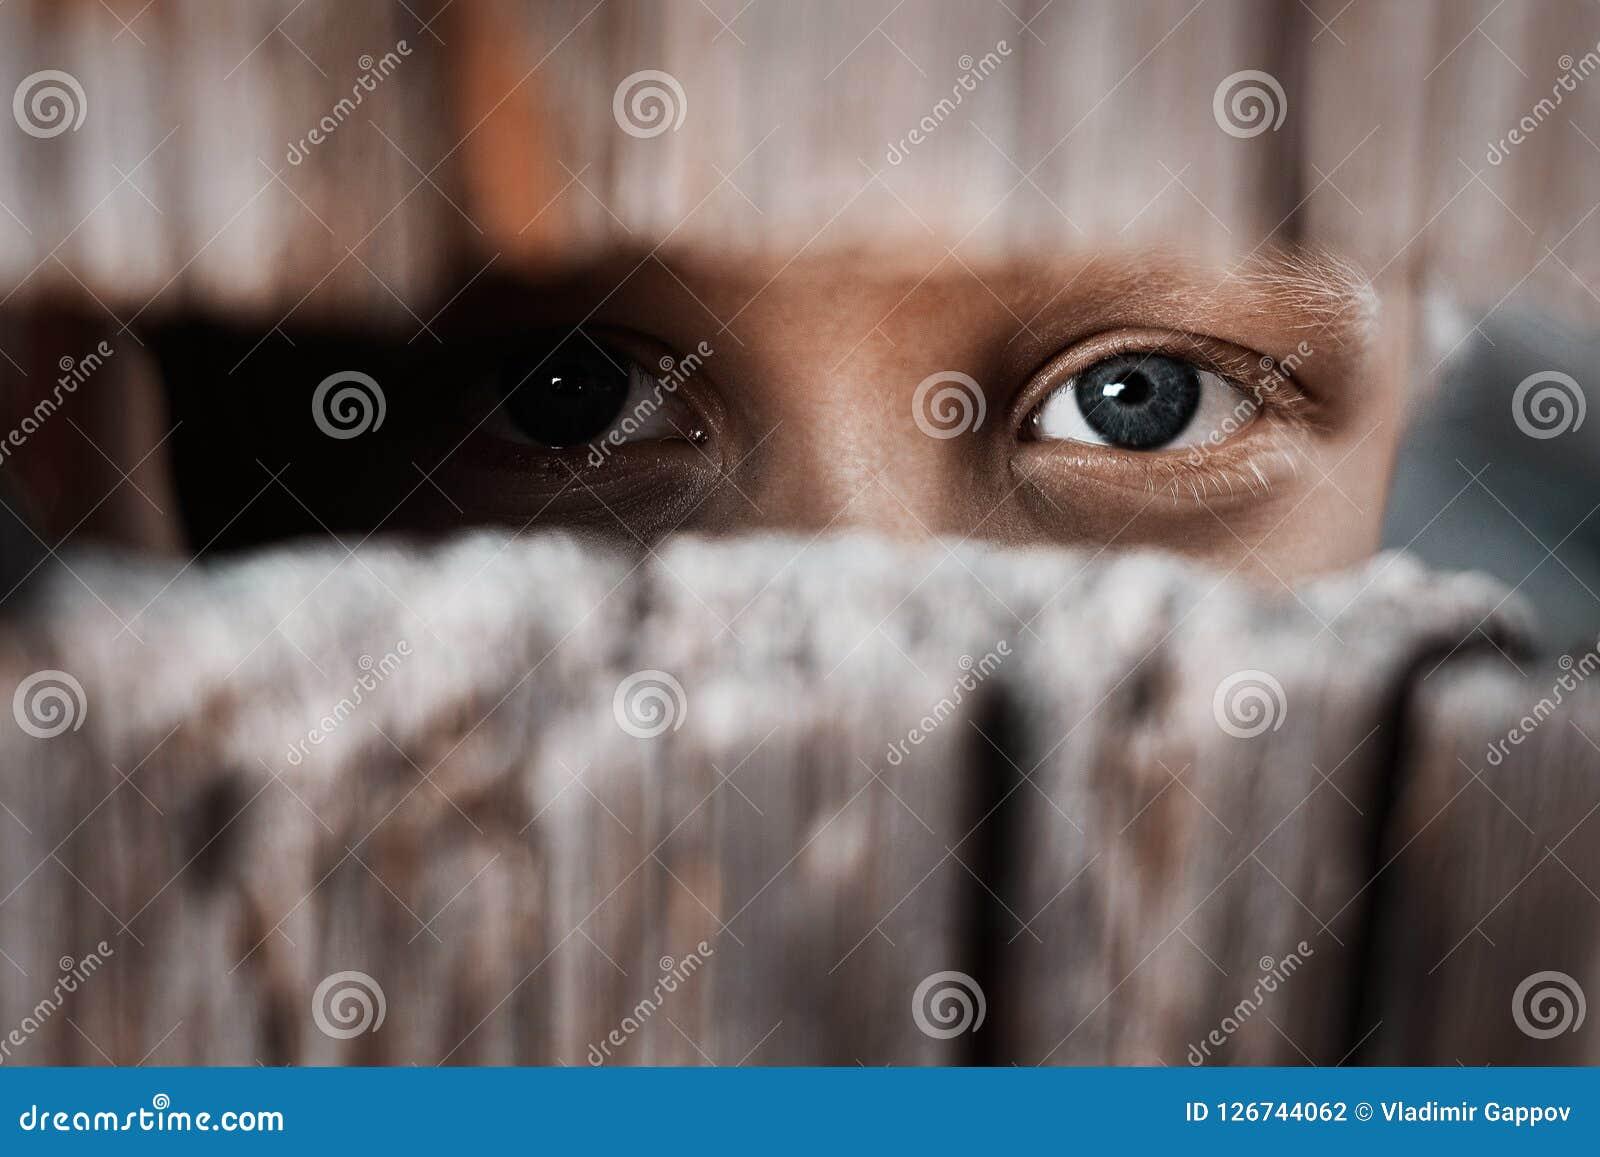 Junge schaut durch den Abstand im Zaun Das Konzept von Voyeurism, von Neugier, von Jäger, von Überwachung und von Sicherheit